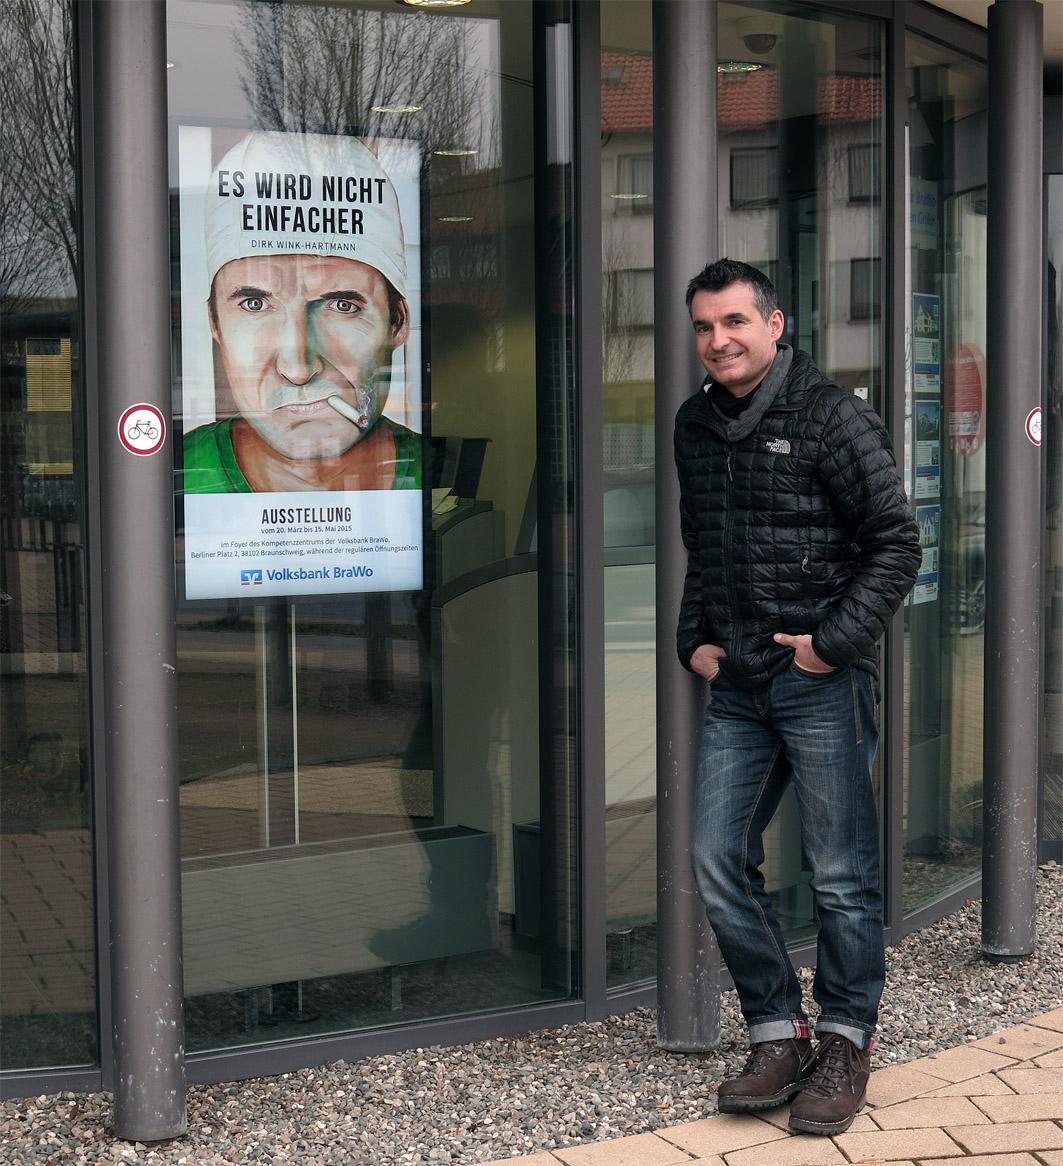 ES WIRD NICHT EINFACHER - Dirk Wink-Hartmann Display Volksbank